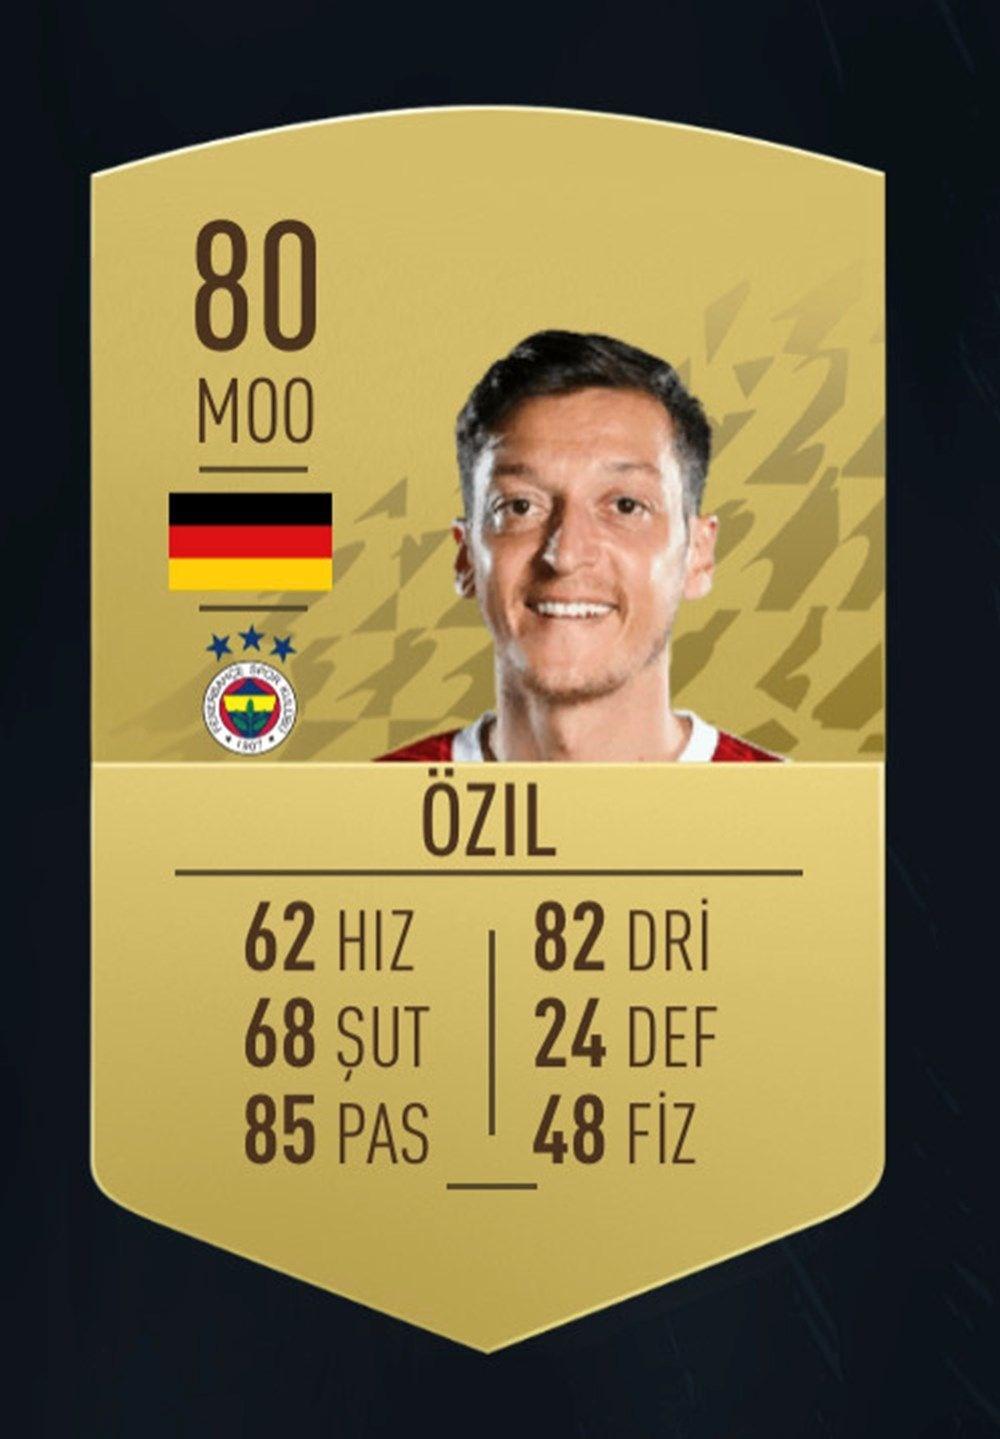 FIFA 22'de Süper Lig'in en iyi oyuncuları belli oldu - 6